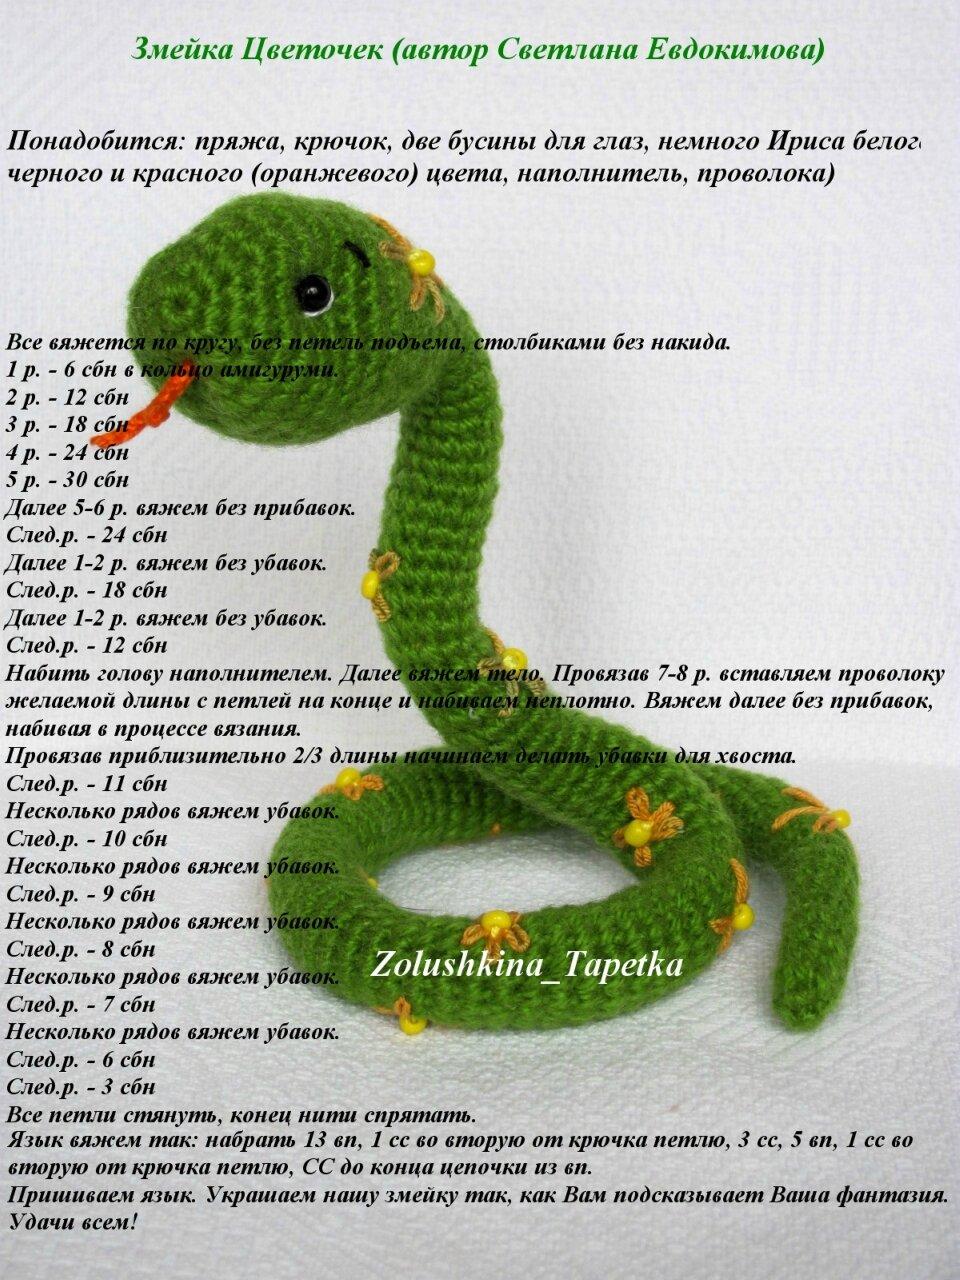 Змея связанная своими руками